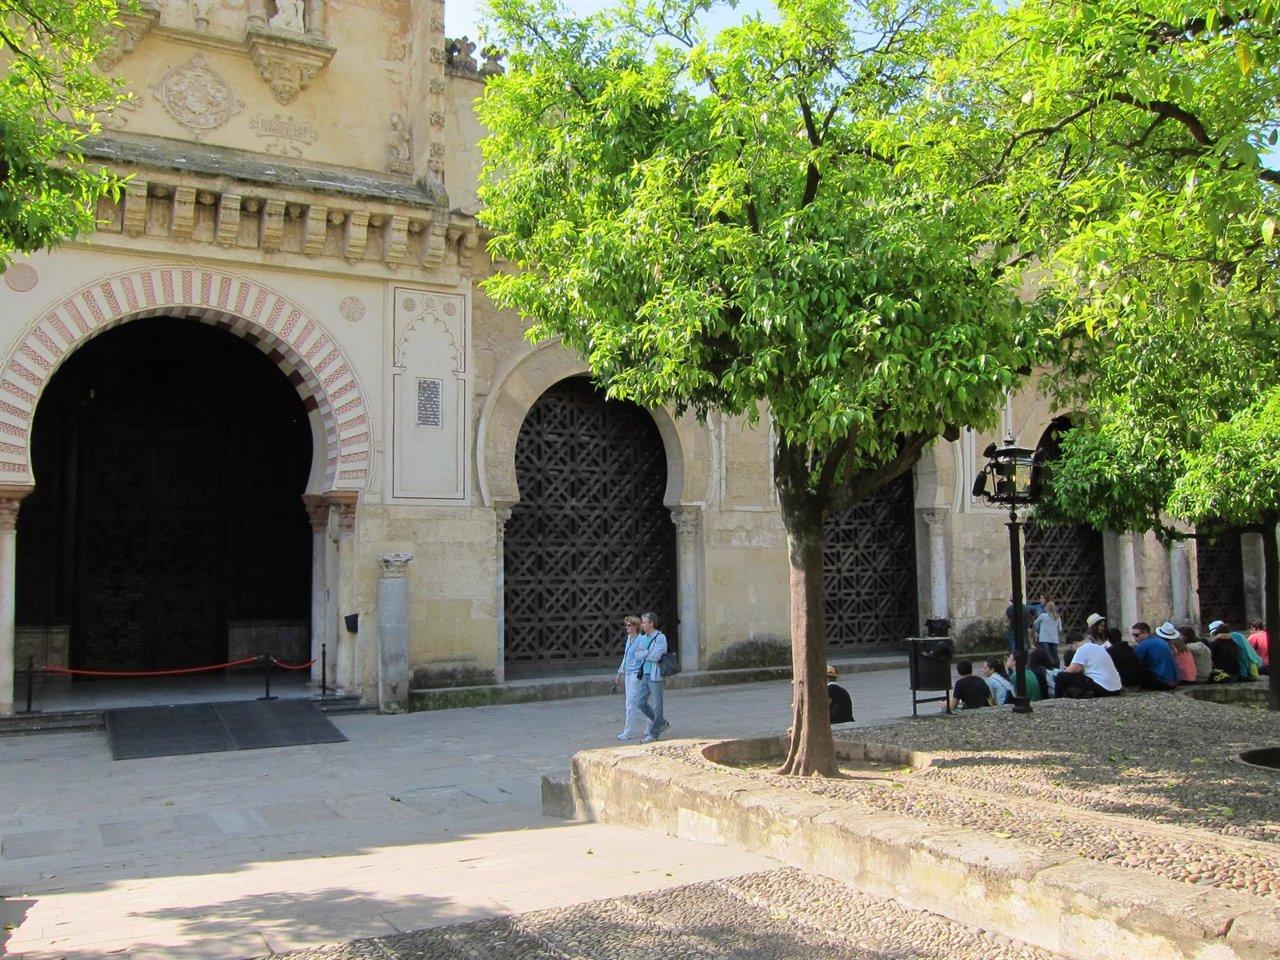 La junta ya ha remitido a la unesco en ingl s el proyecto - Puerta europa almeria ...